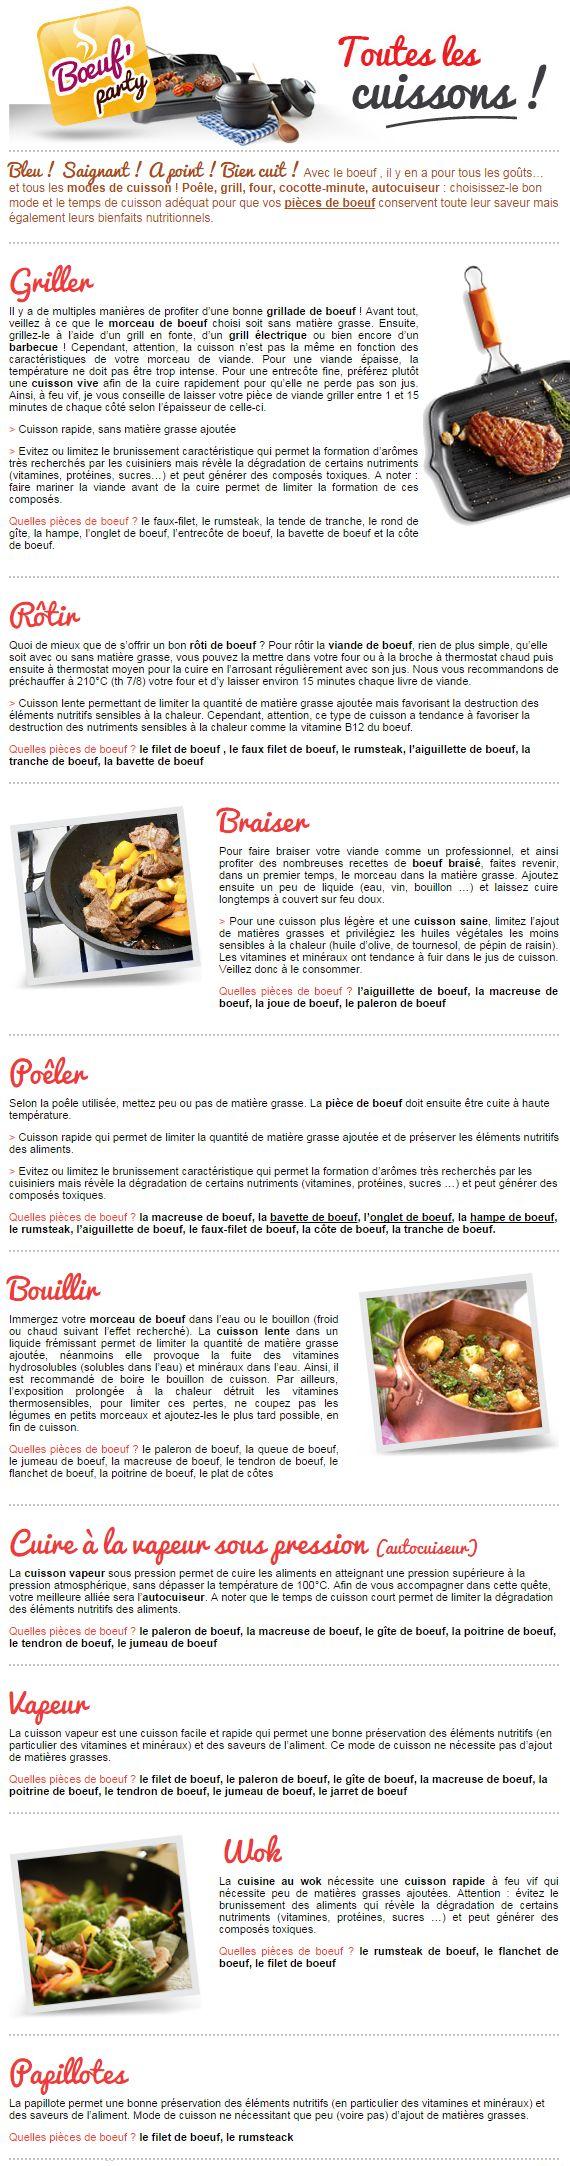 La cuisson du bœuf, morceaux de bœuf #Boeuf #Beef #Cuisine #Cooking #Viande #Meat